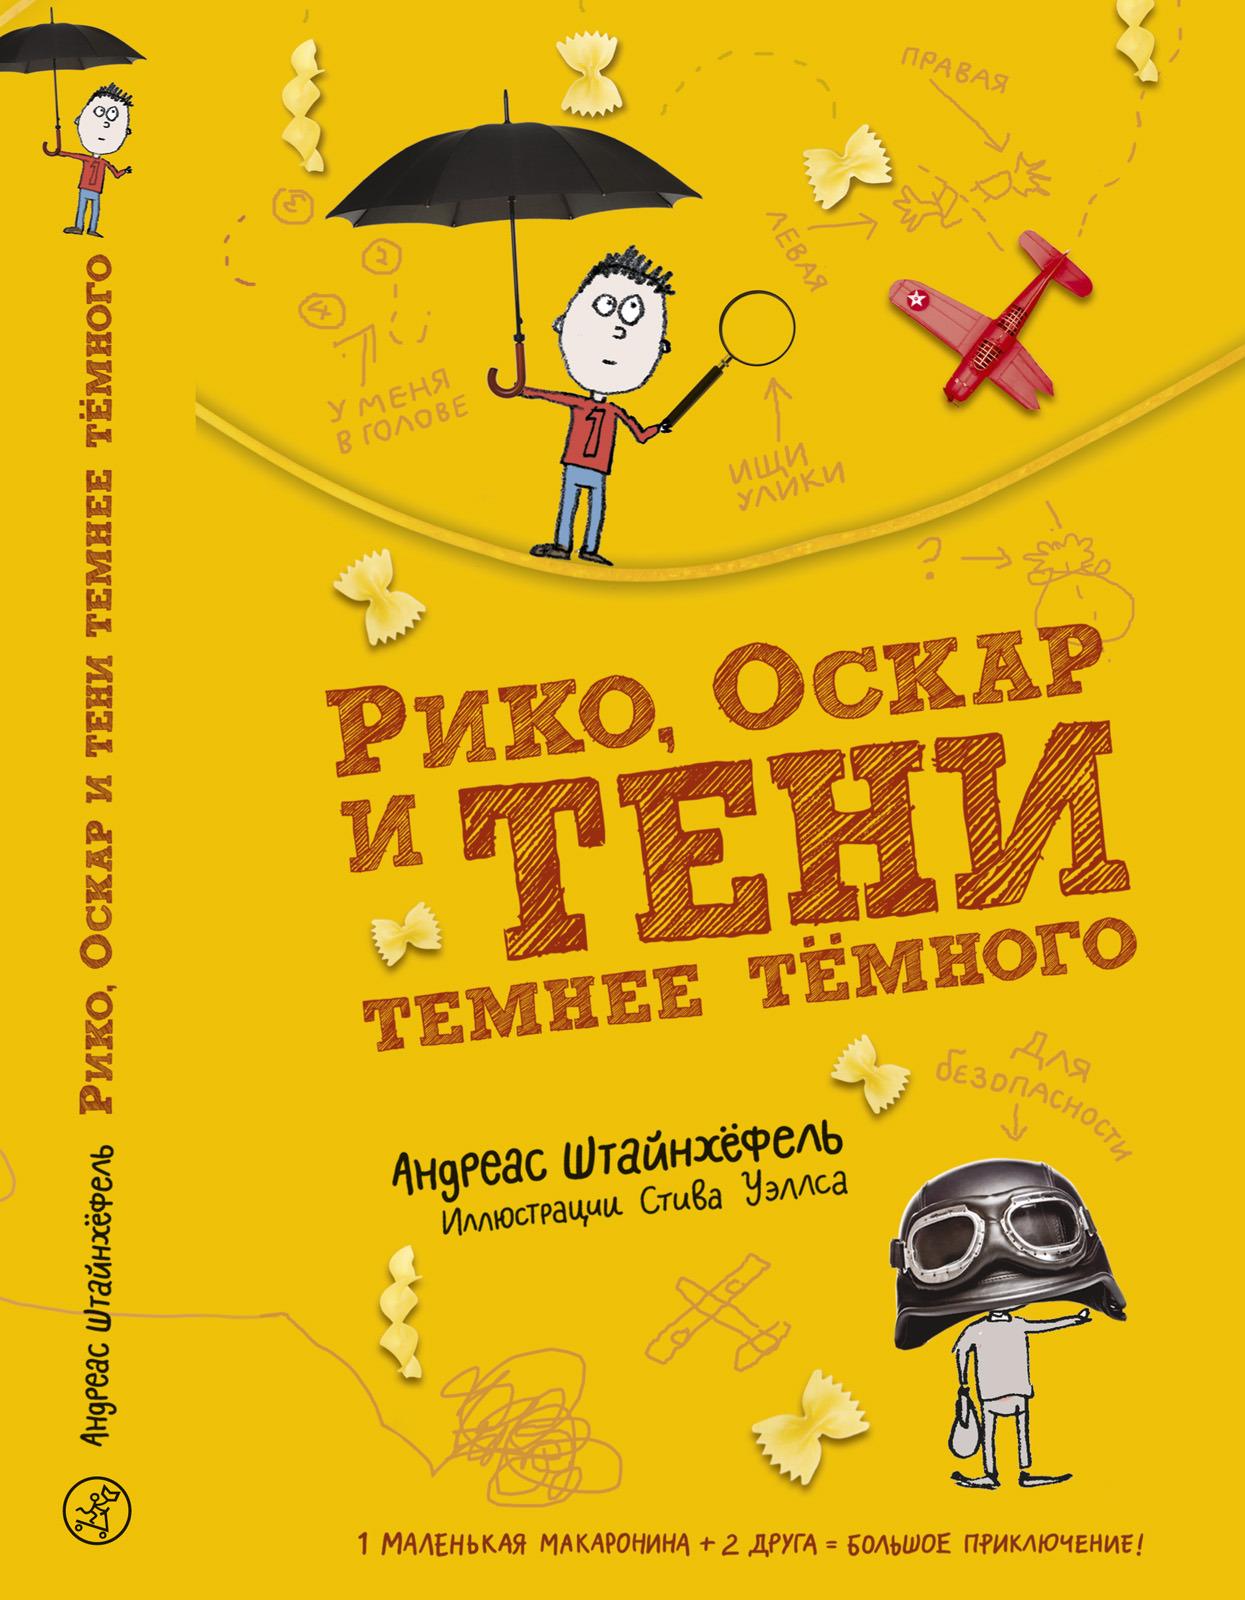 Андреас Штайнхёфель Рико, Оскар и тени темнее тёмного (2-е издание)